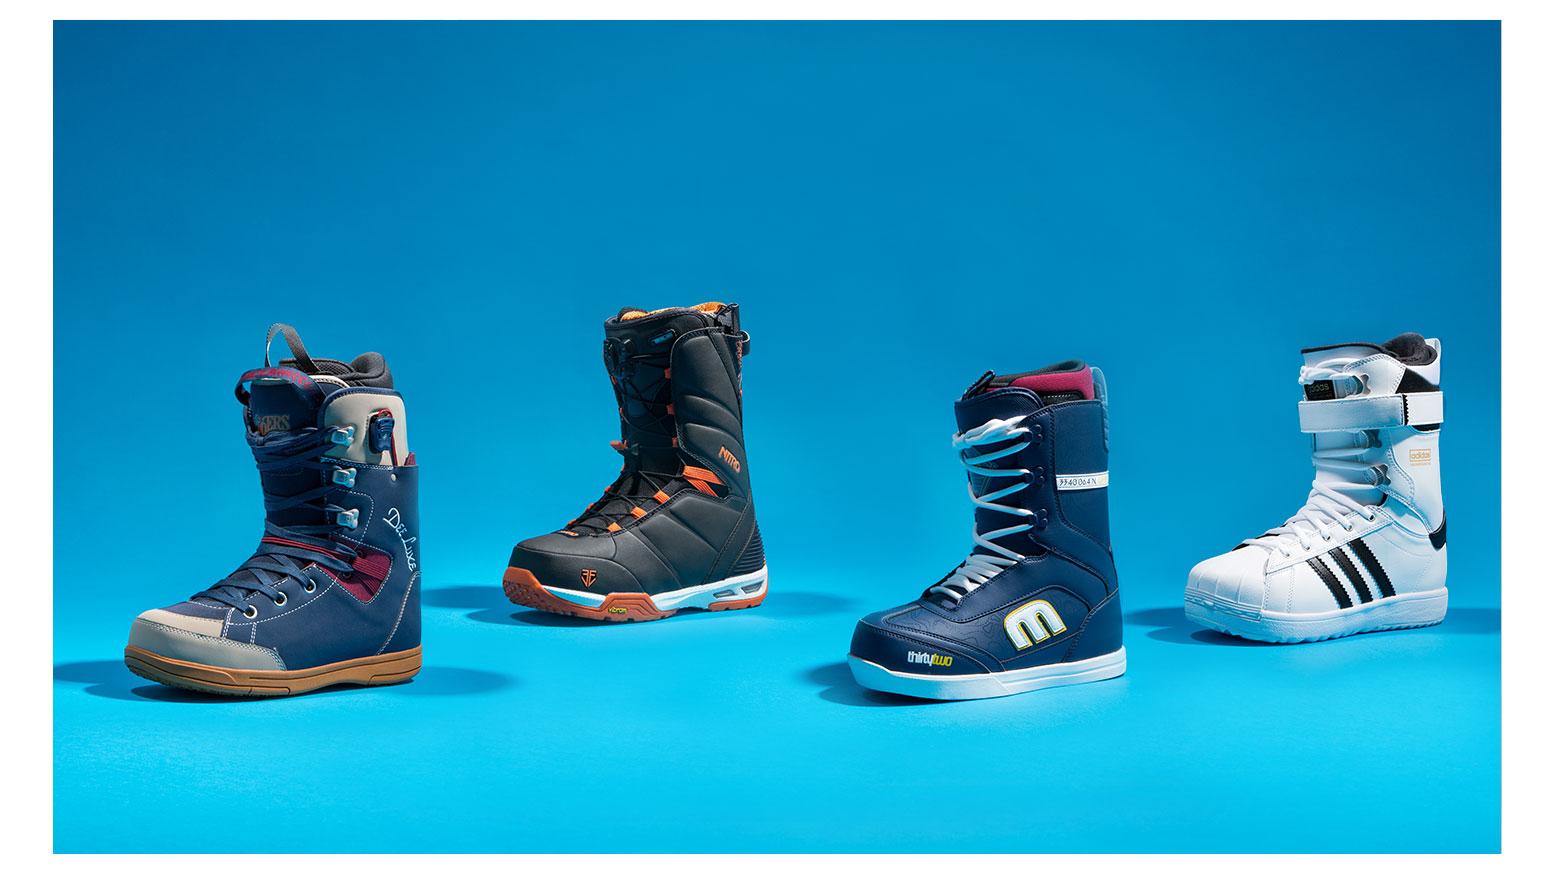 vans snowboard boots herren